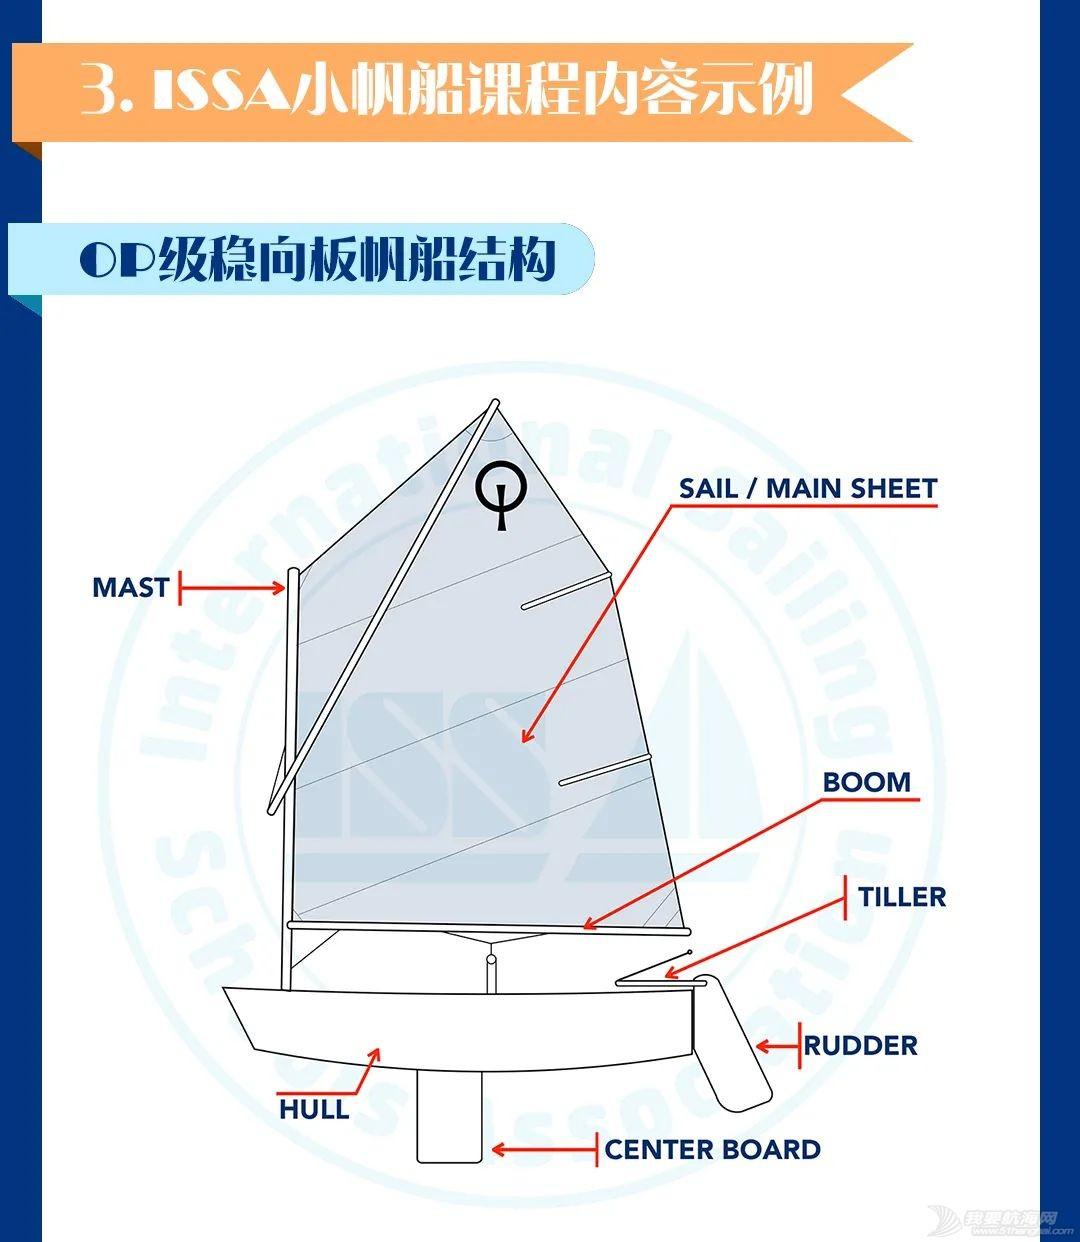 【ISSA小帆船课程】学员招募2021w9.jpg